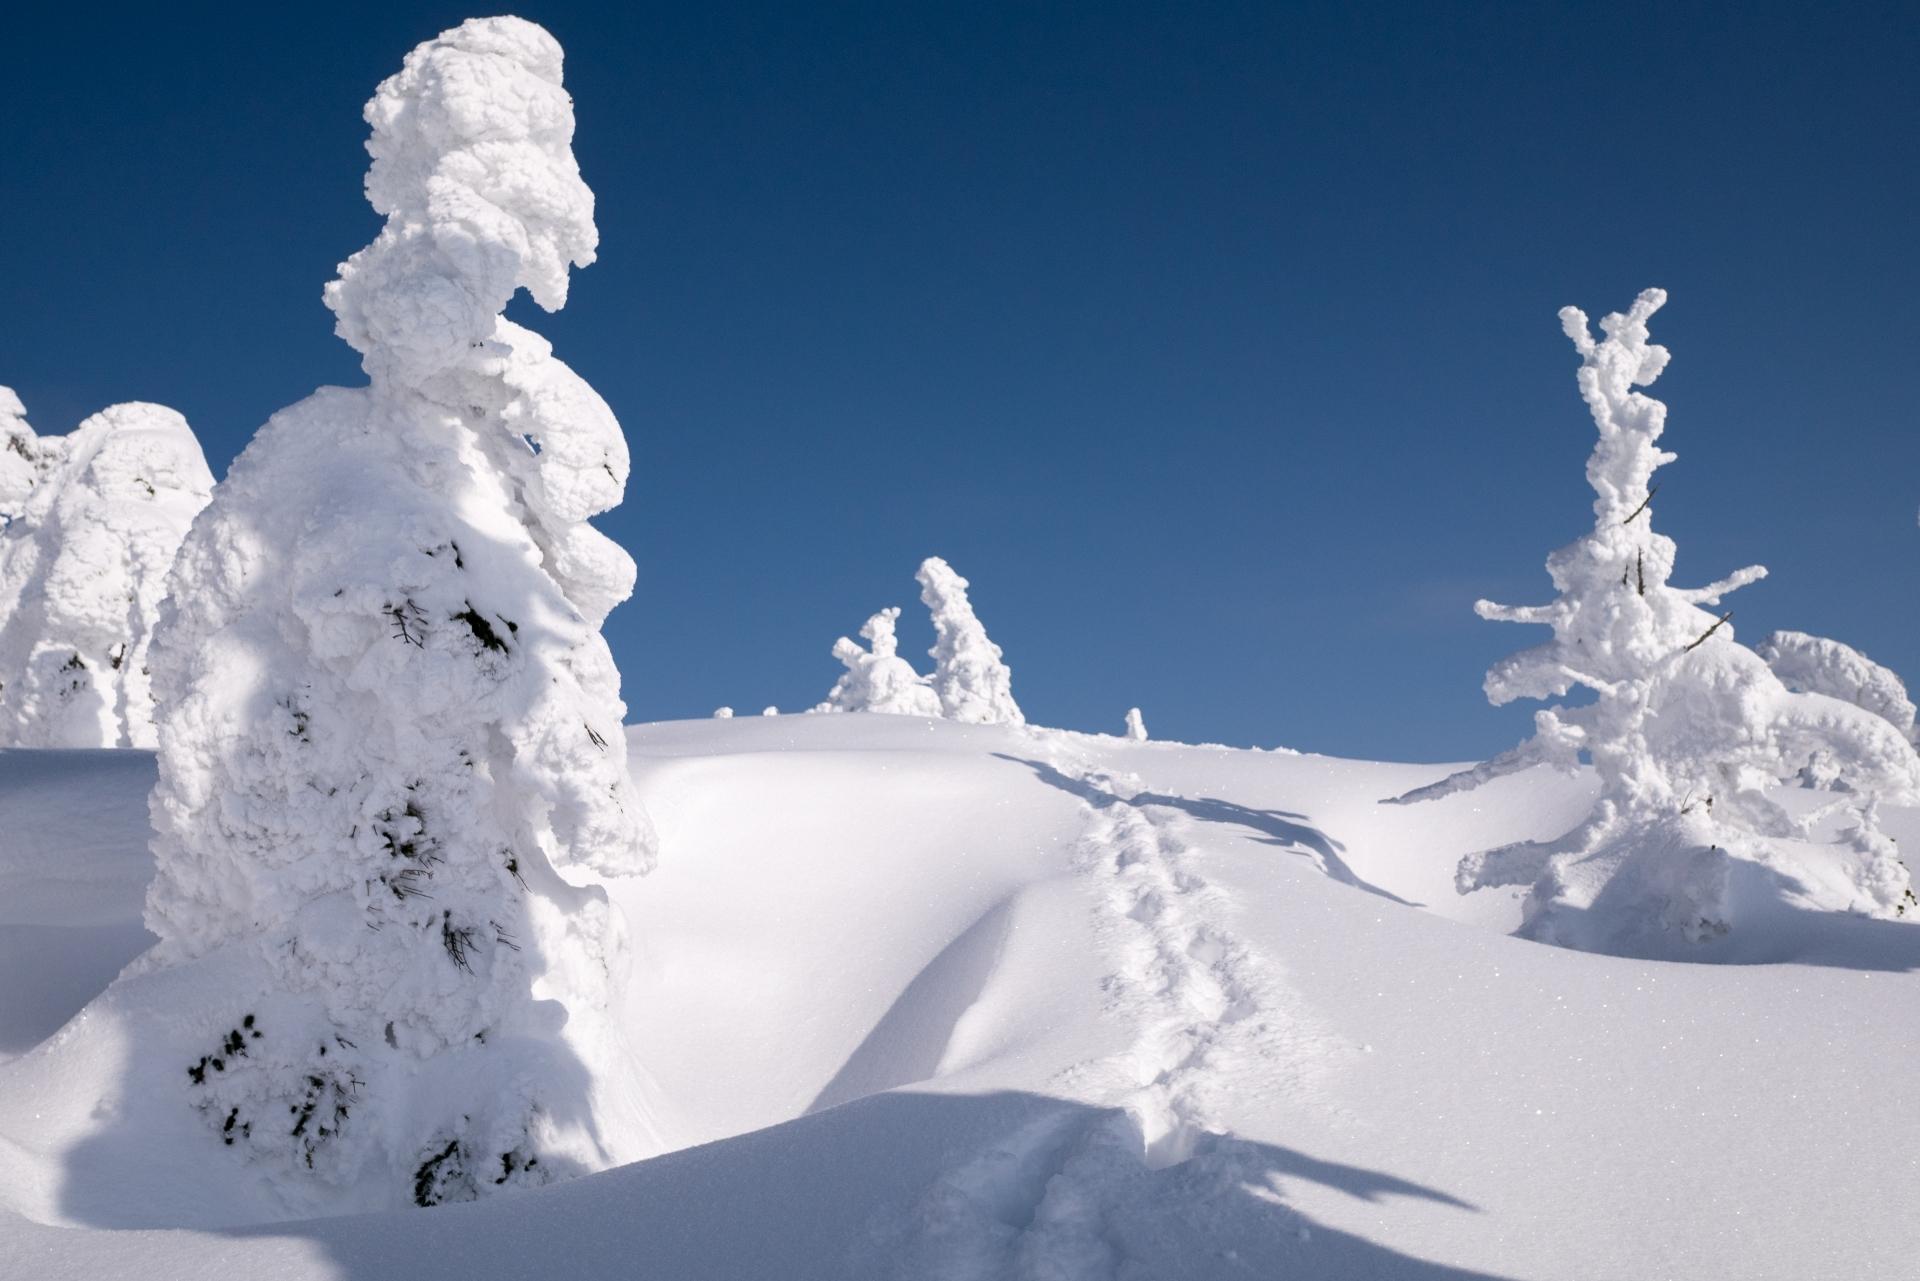 冬の青森観光はこう回る!おすすめのプランをテーマごとにご紹介!